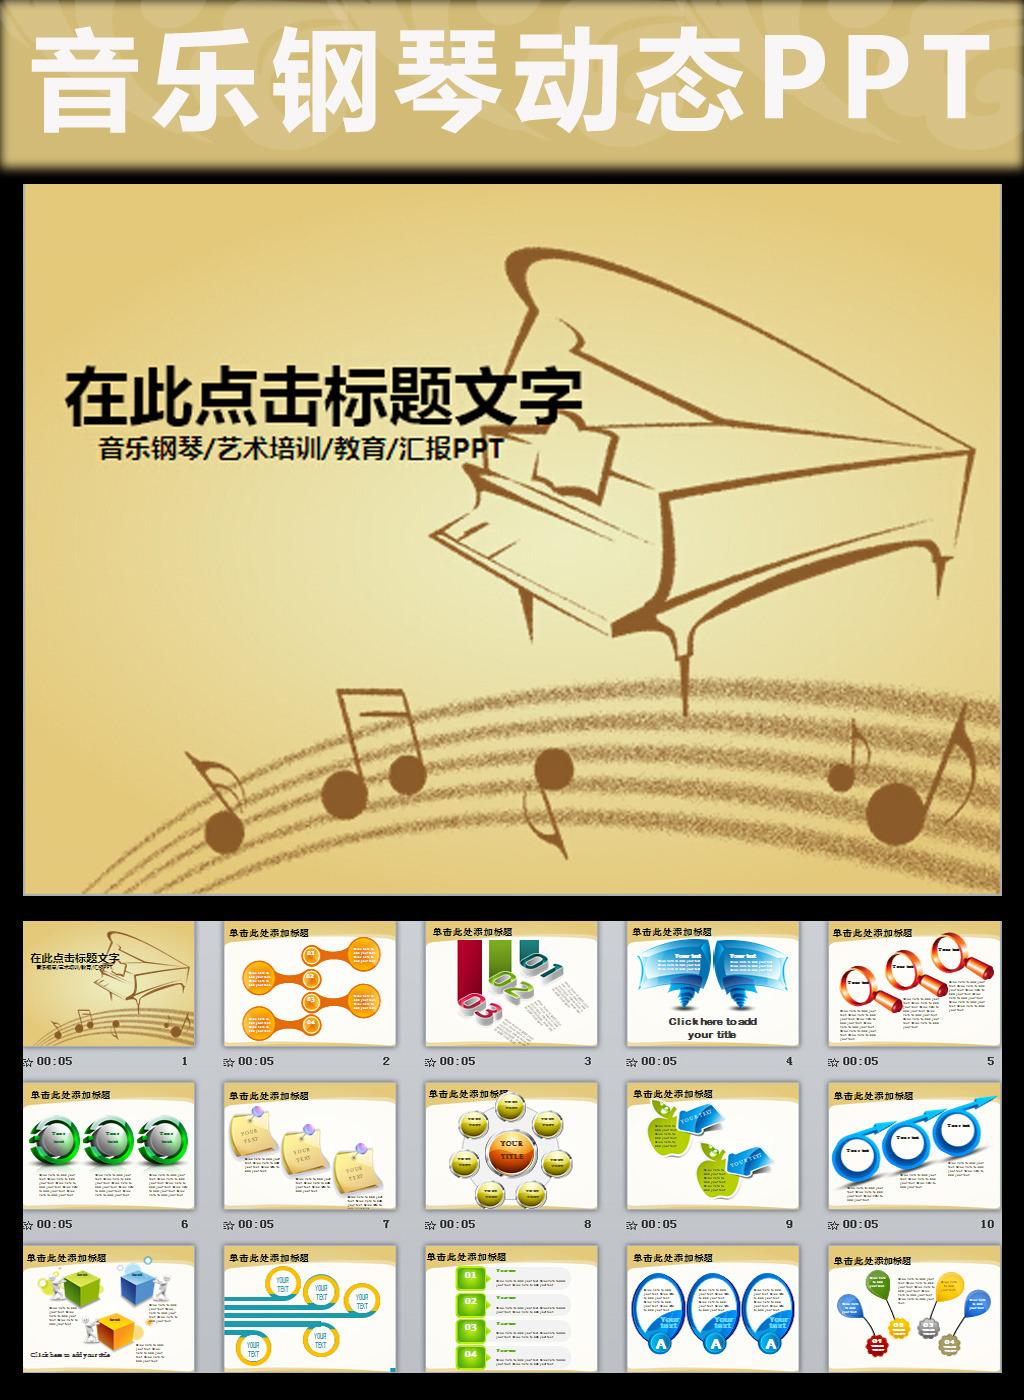 音乐钢琴演奏教学培训课件动态ppt